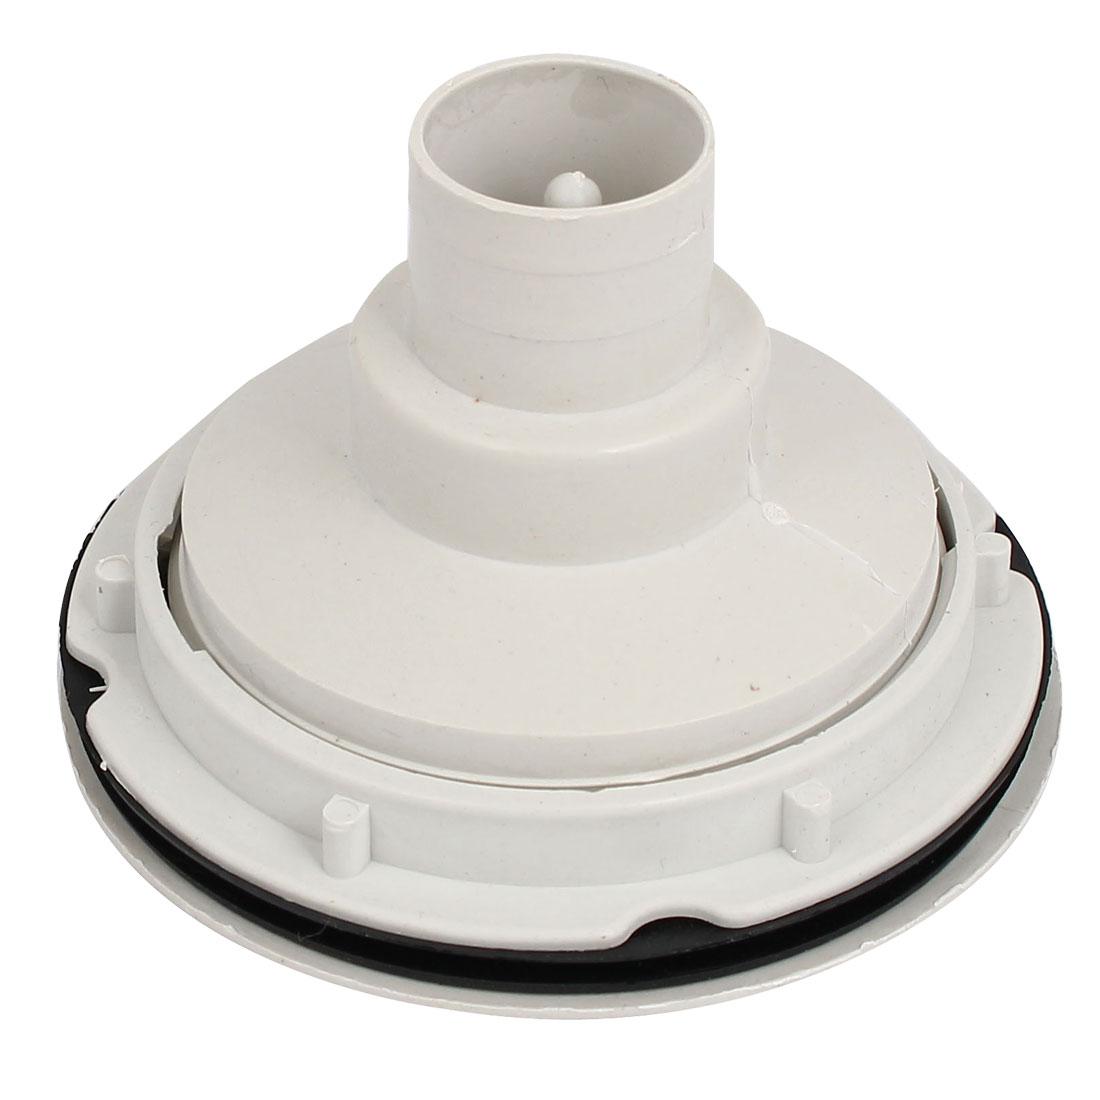 11cm Dia Round Shaped Kitchen Wash Basin Sink Drain Stopper Strainer White